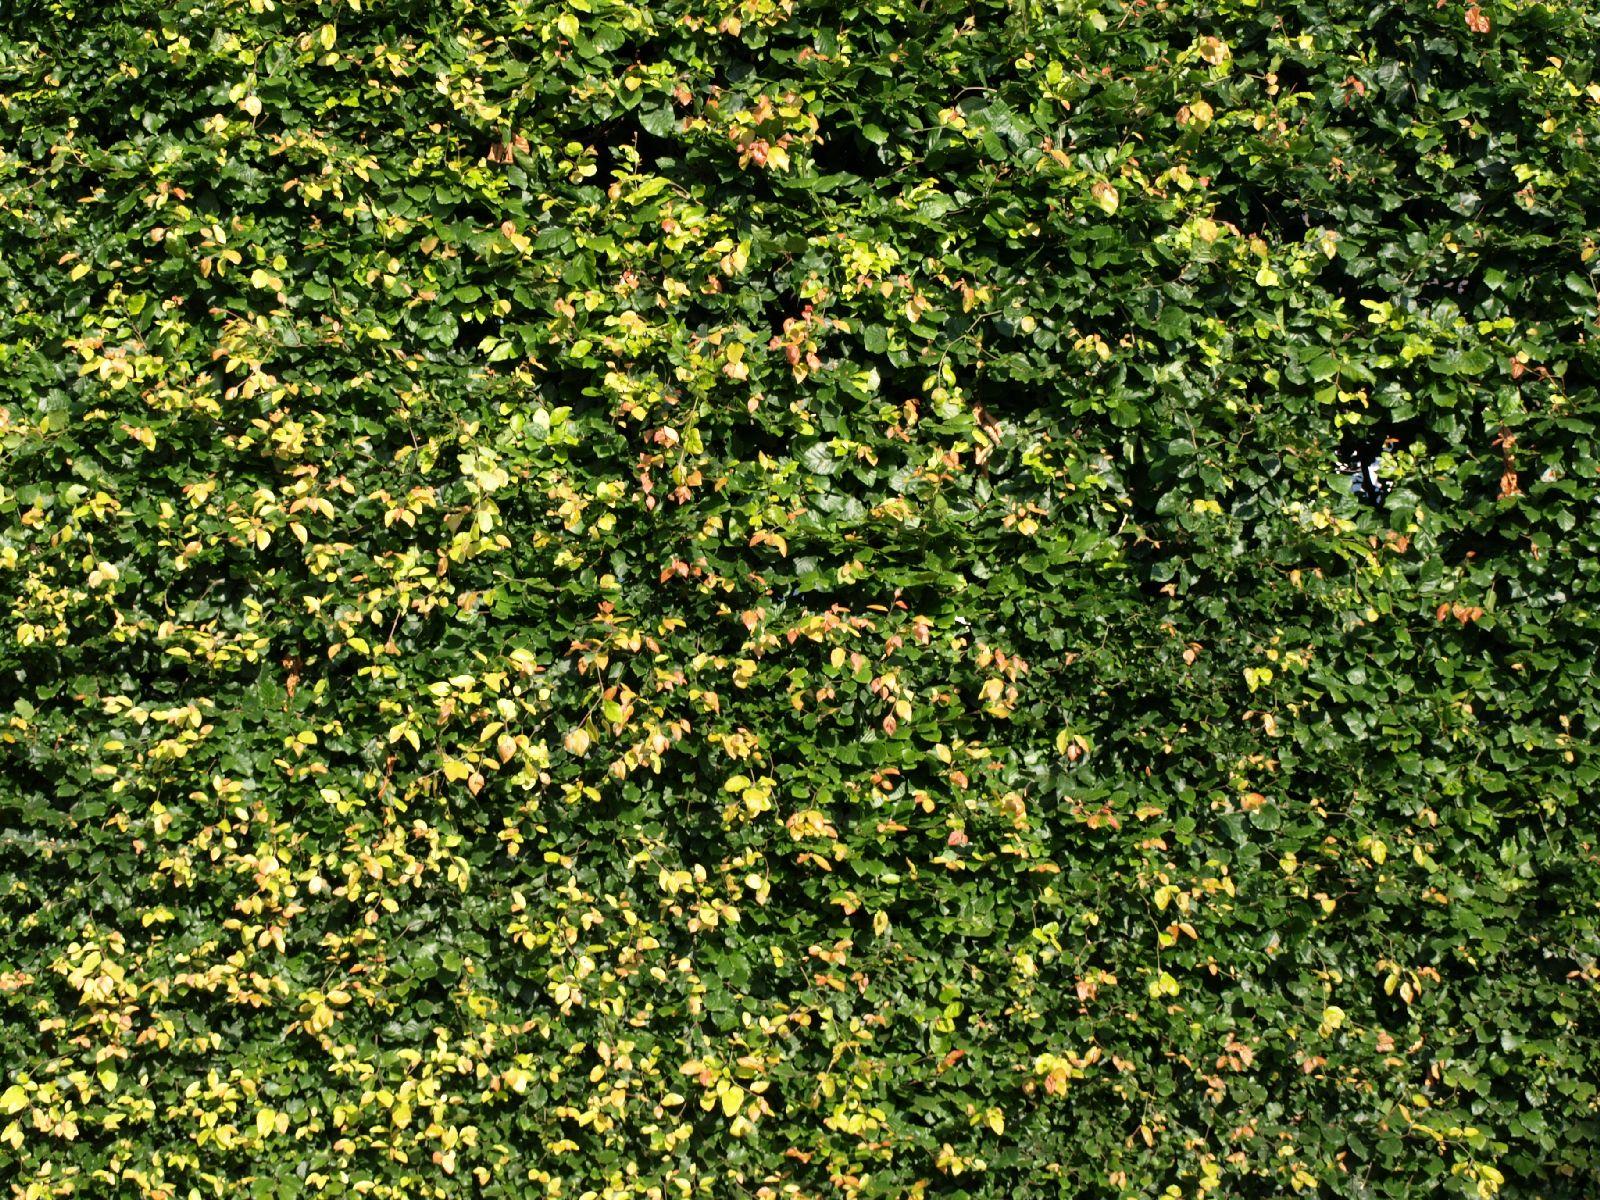 Pflanzen-Hecken-Foto_Textur_B_P6143356